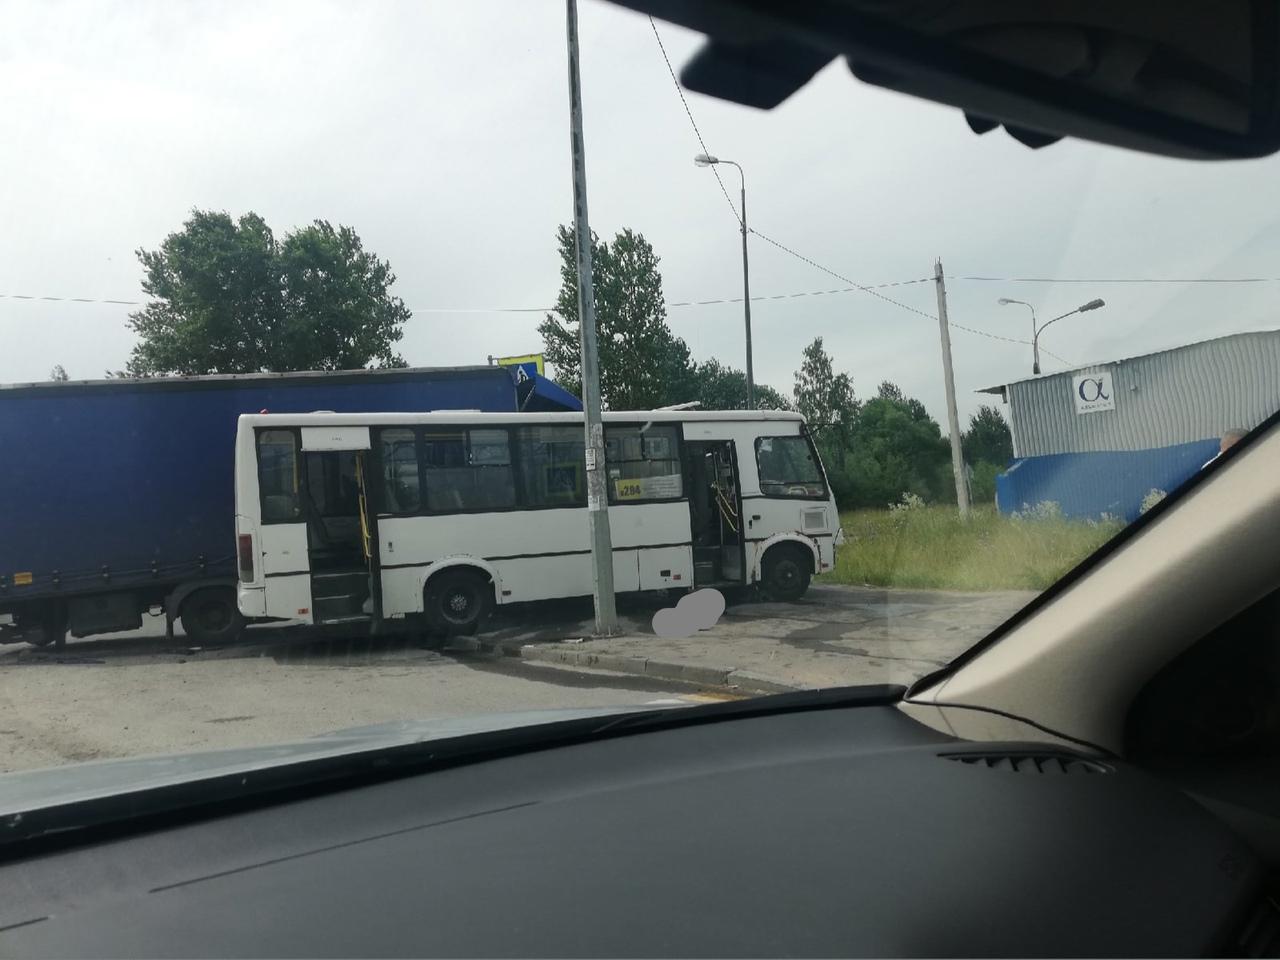 ДТП с грузовиком и маршруткой произошло в Пушкине на перекрёстке Сетевой и Автомобильной. Погибла па...